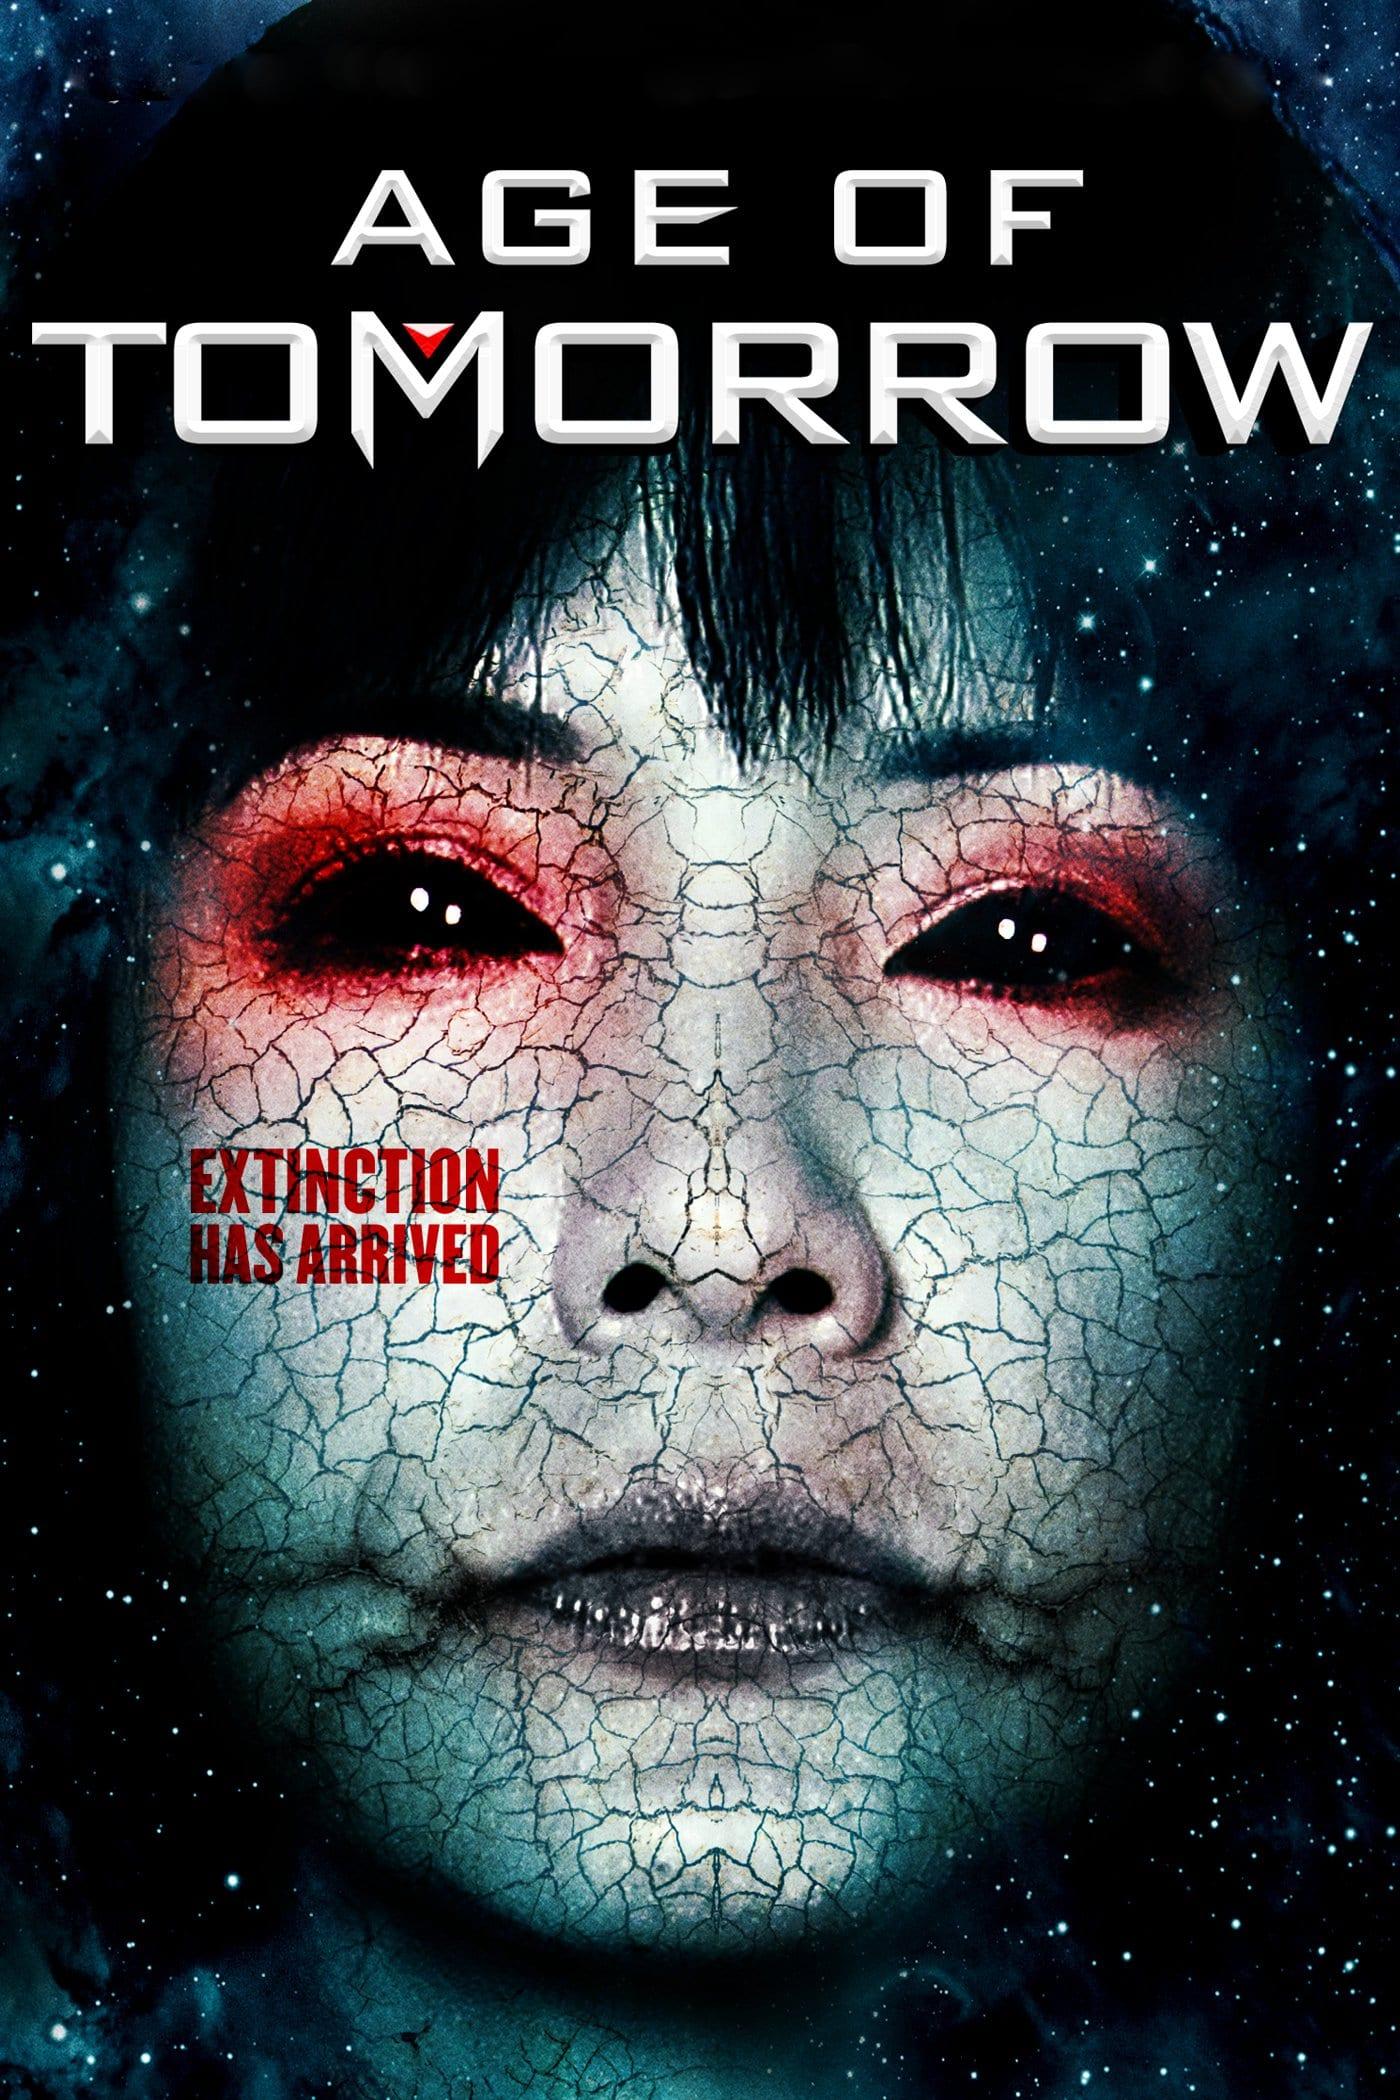 Regarder Age of Tomorrow en streaming gratuit